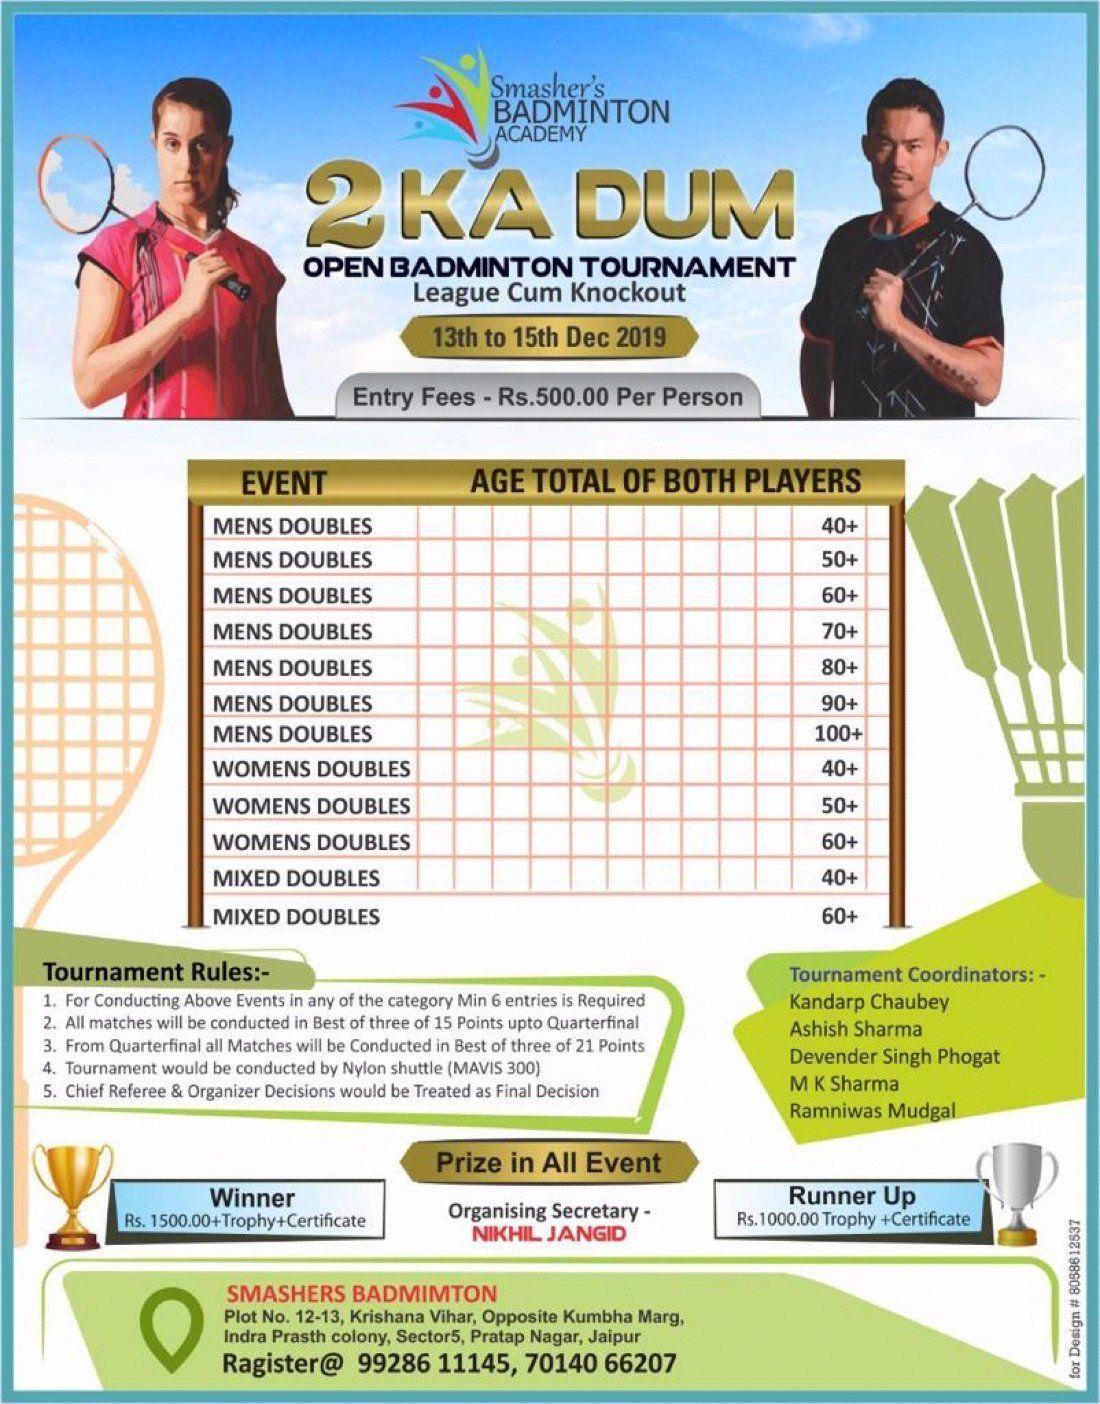 2 Ka Dum Open Badminton Tournament 2019 Badminton Tournament Badminton Tournaments